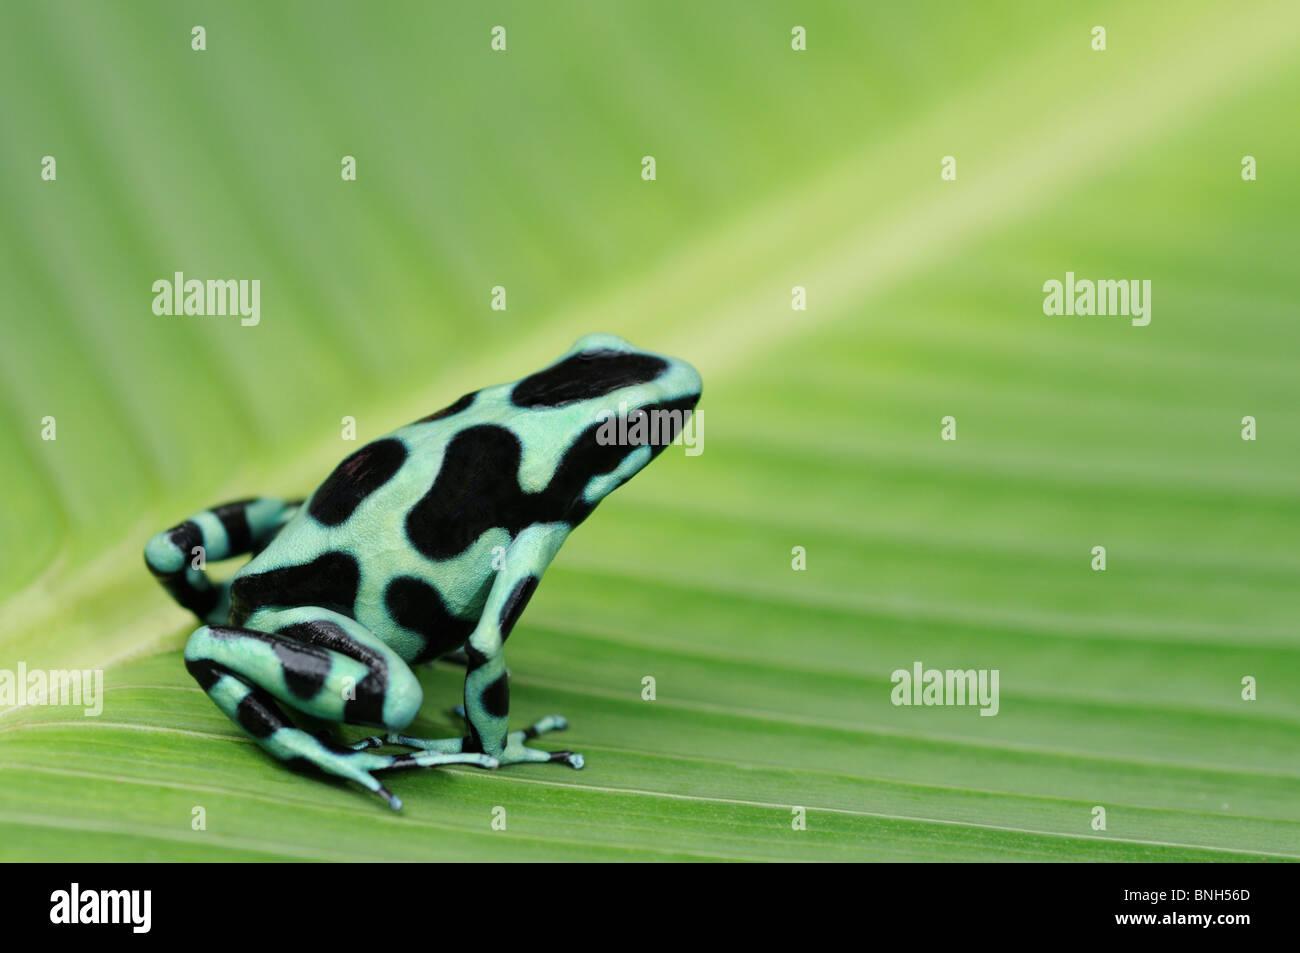 Grün und schwarz Poison Frog, Dendrobates Auratus, im Regenwald, Chilamate, Costa Rica Stockbild